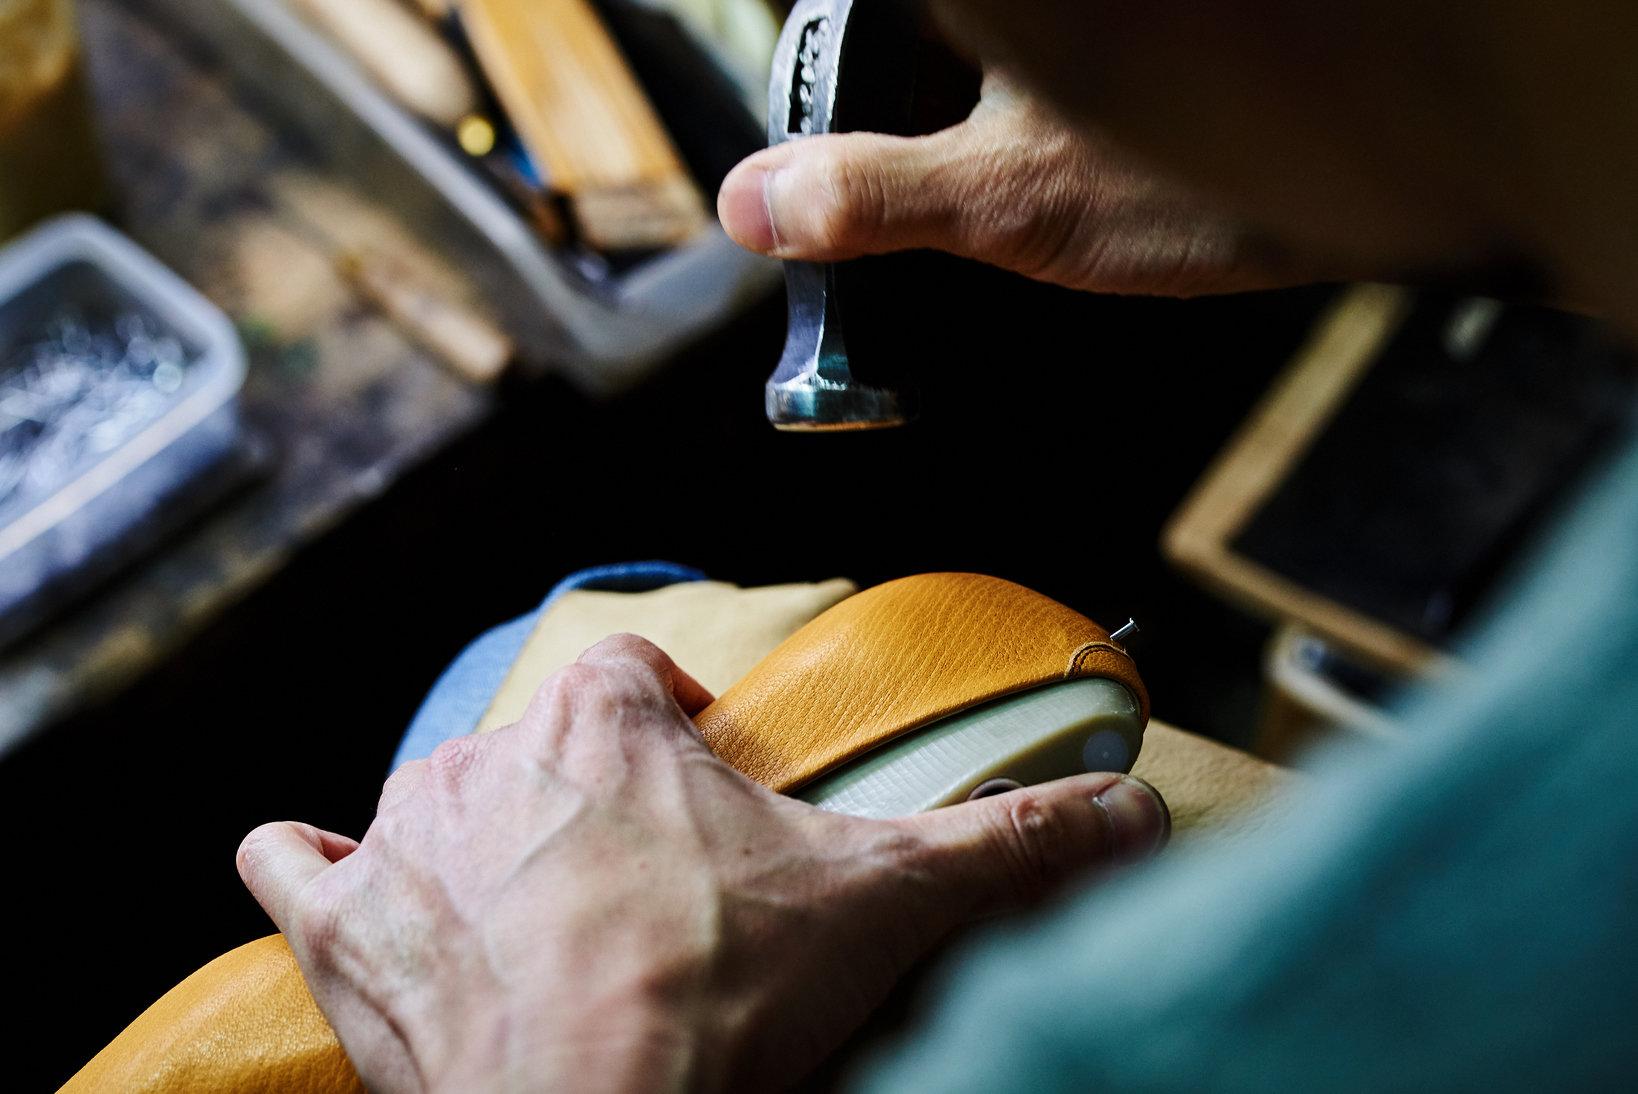 アッパーを木型に吊り込むのも、このように当然手作業。革の特性を確かめながら、トンカチを用いて丁寧に沿わせてゆく。